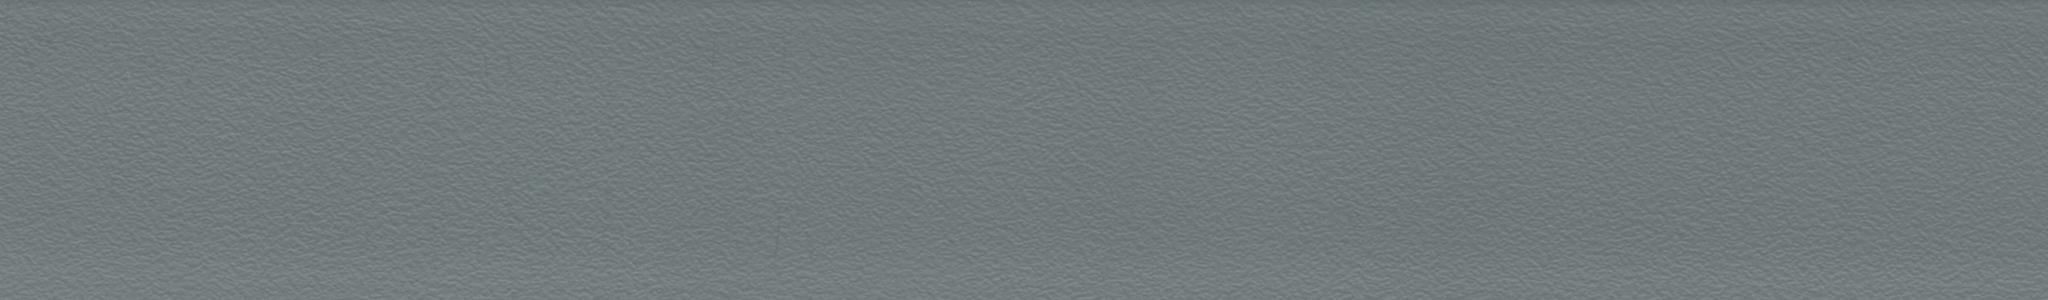 HU 17963 ABS Kante UNI Grau soft perl XG